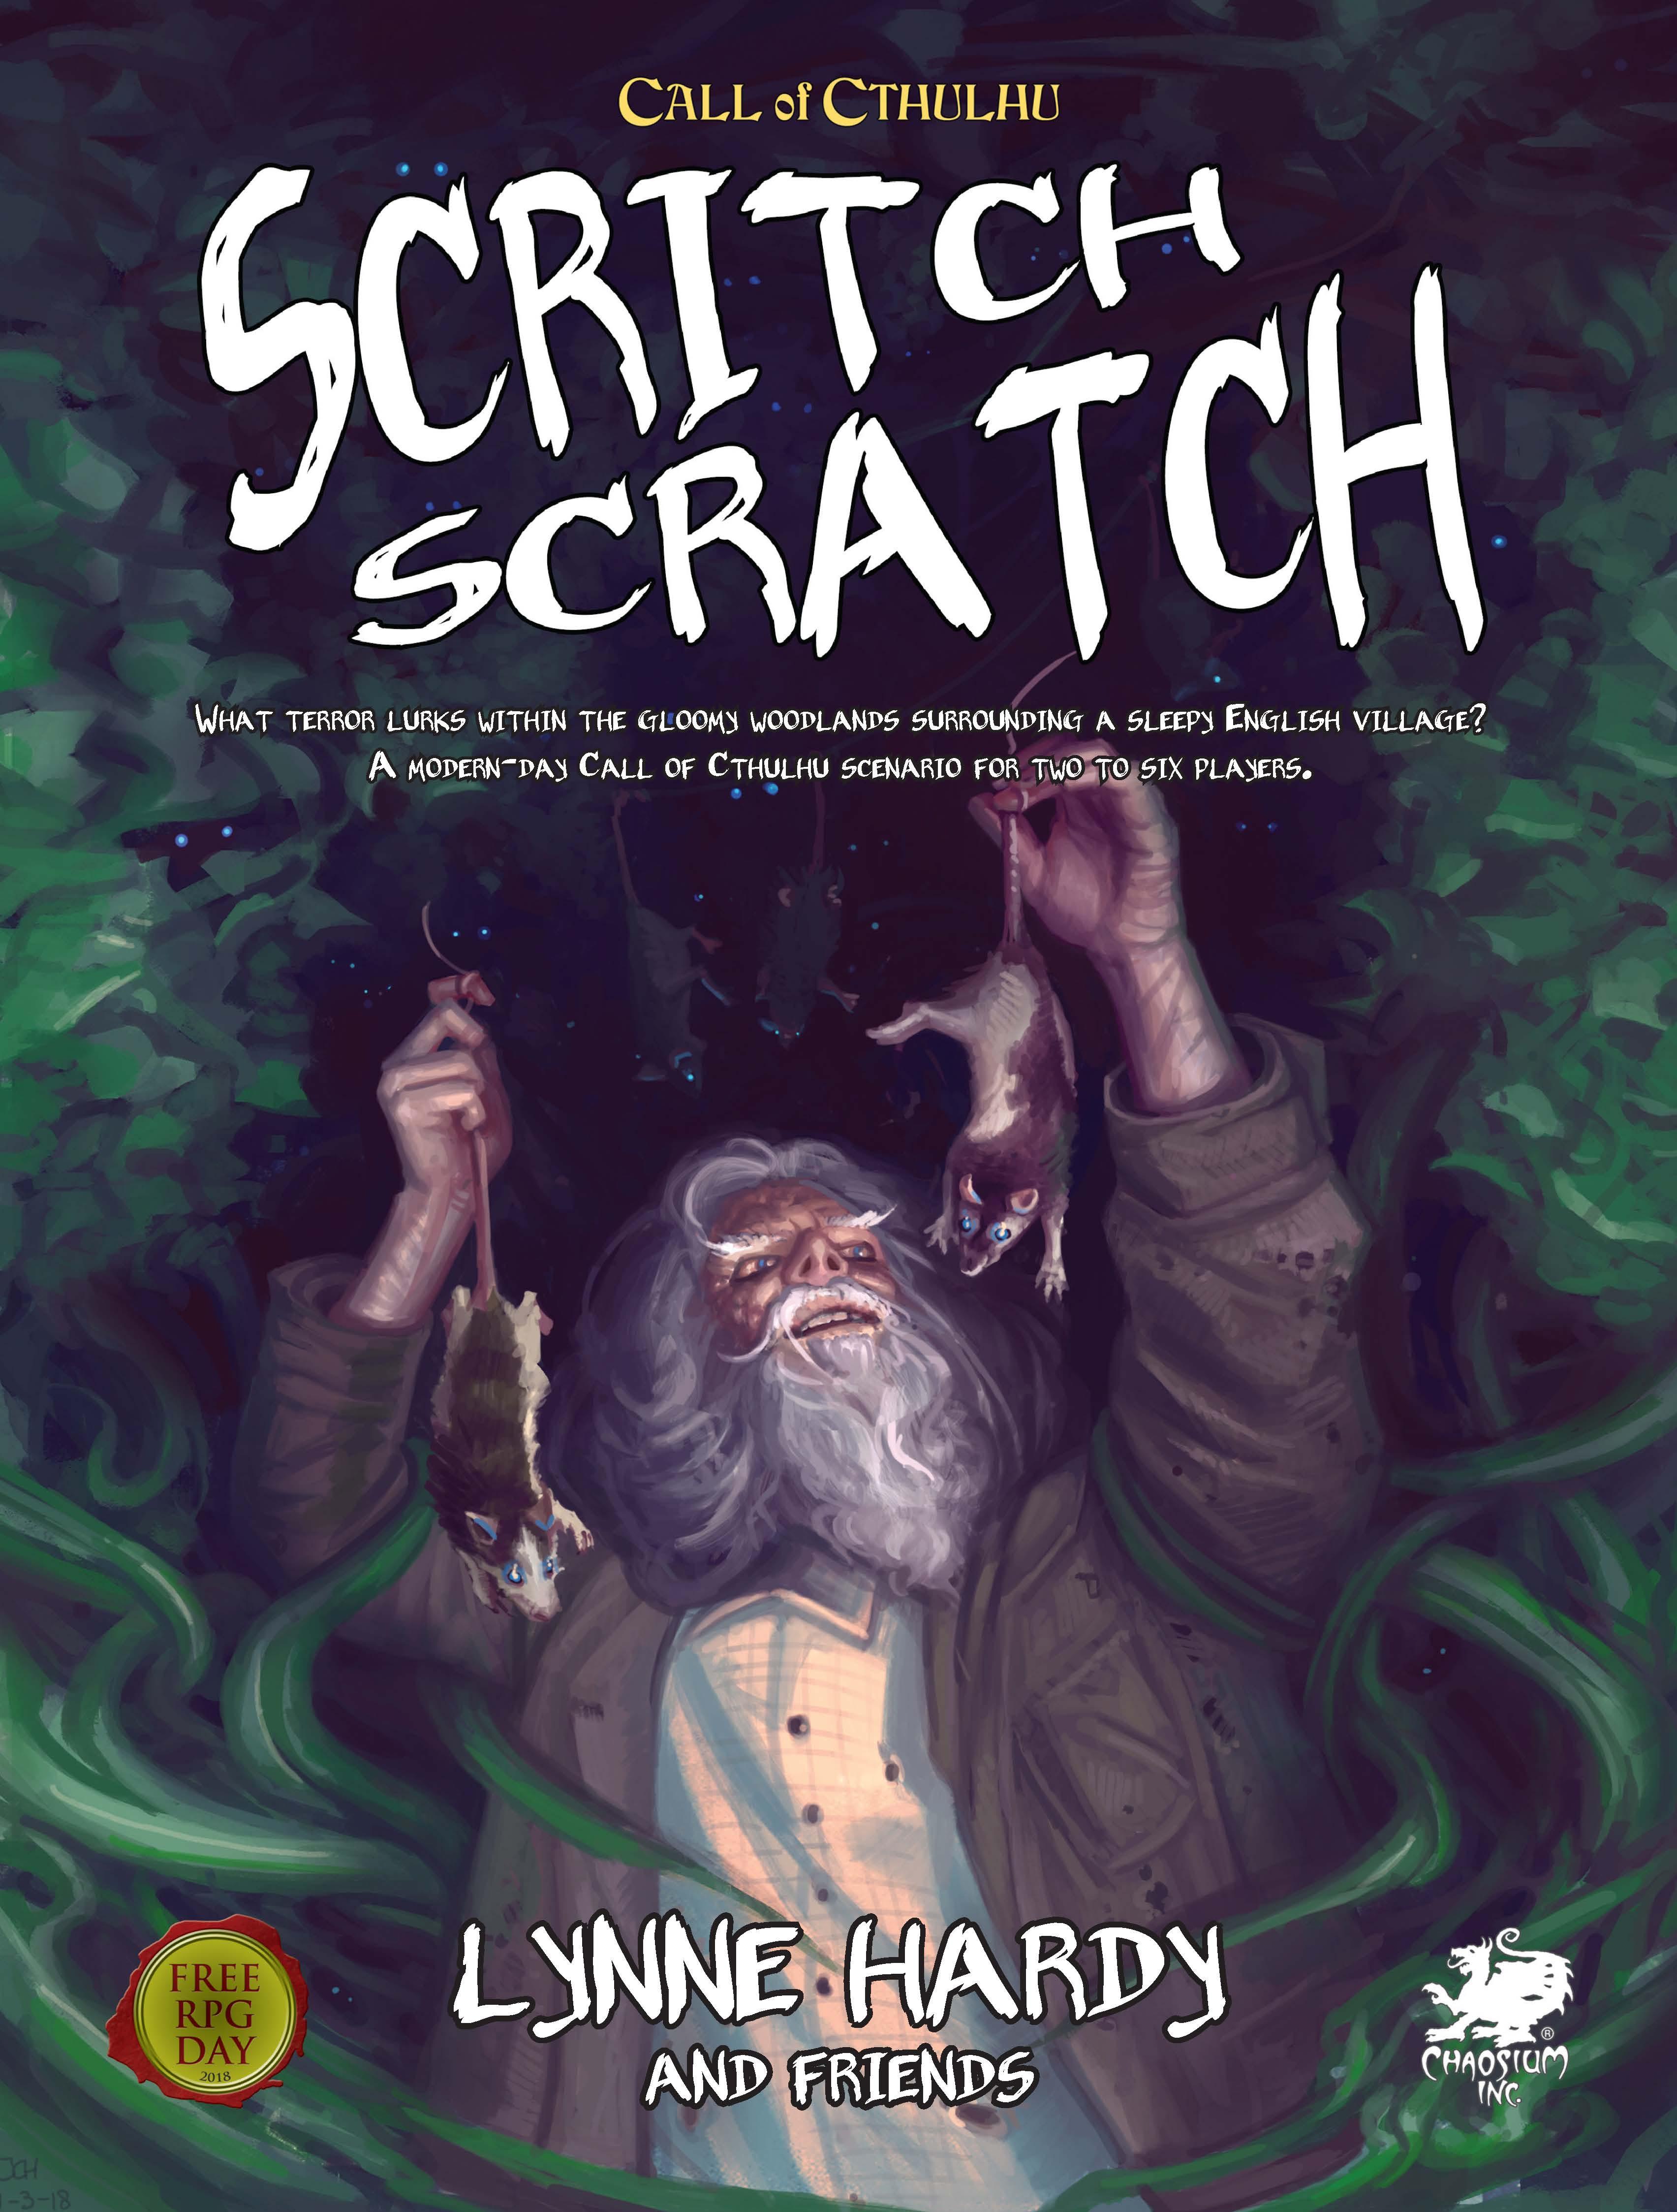 Scritch Scratch - Free RPG Day